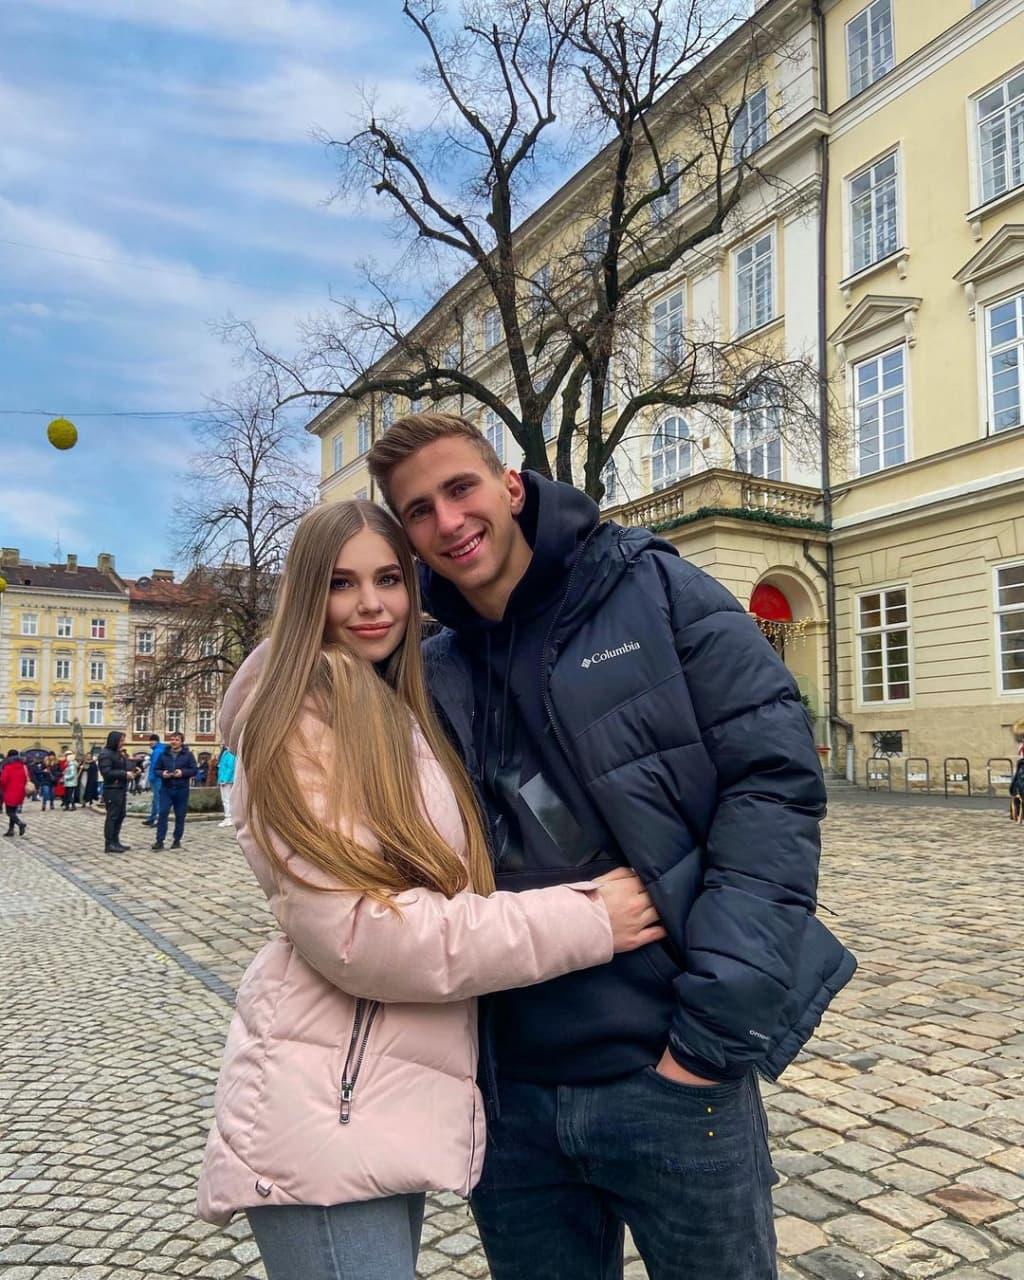 Ангелина – девушка 18-летнего защитника сборной Украины Ильи Забарного. Он играл на Евро, а она болела за него на стадионе!